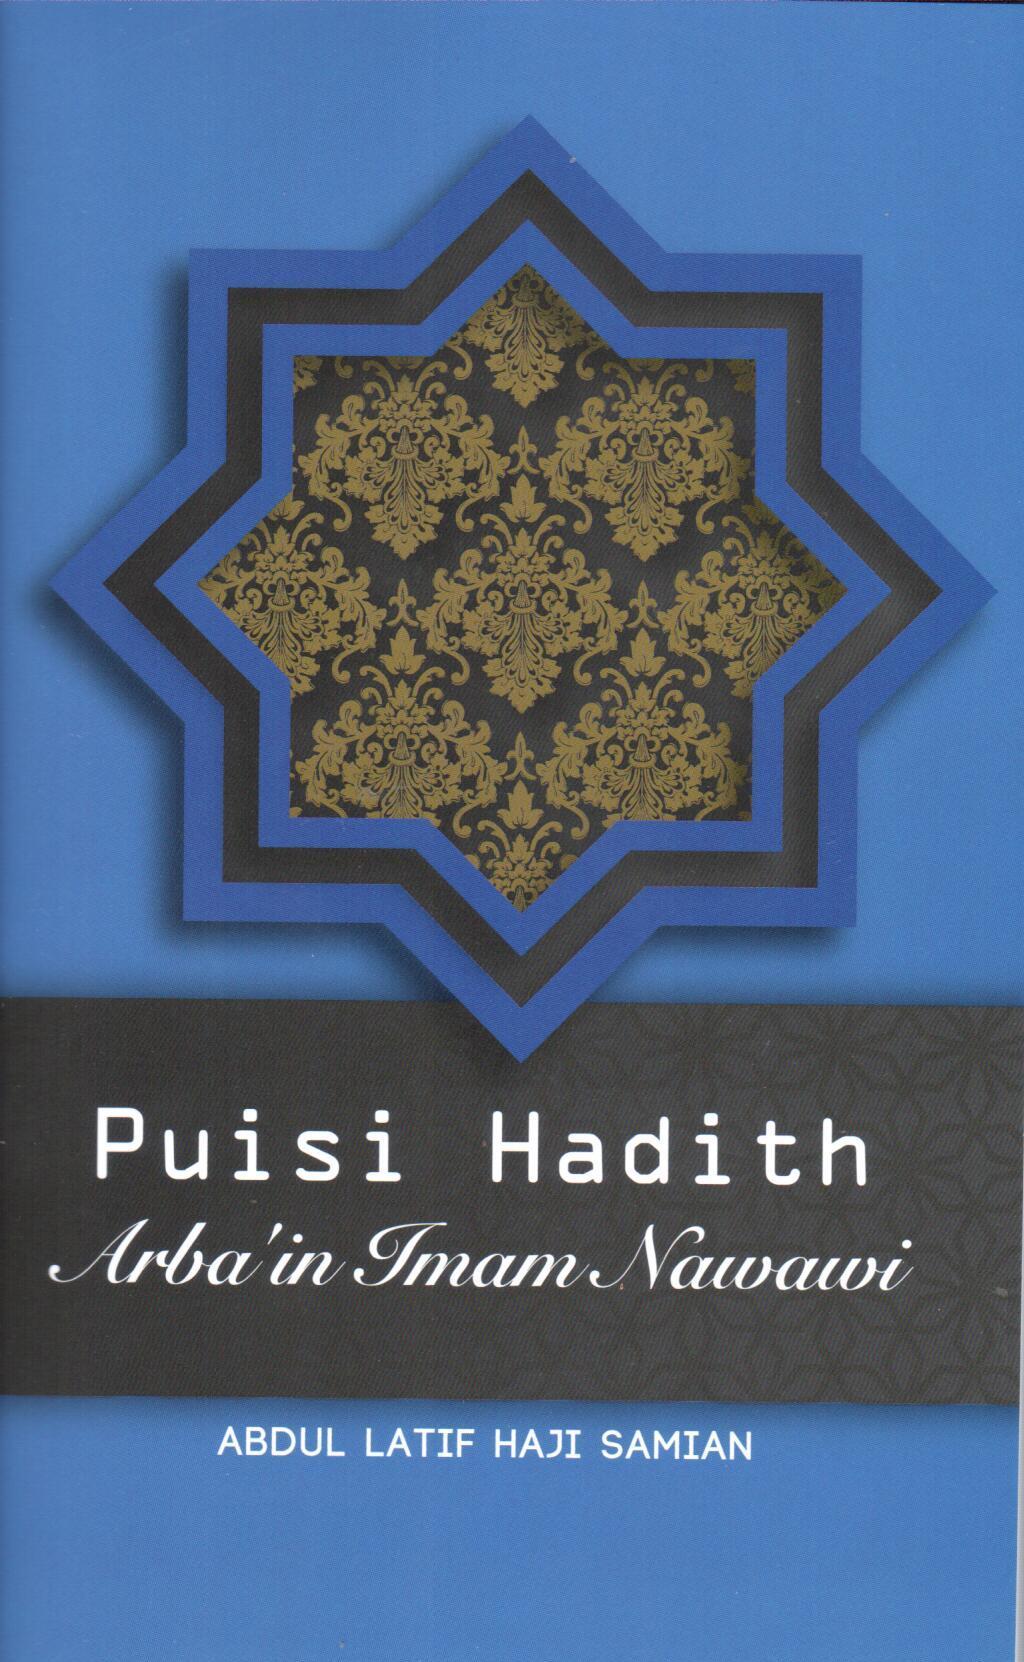 Puisi Hadith Arba'in Imam Nawawi